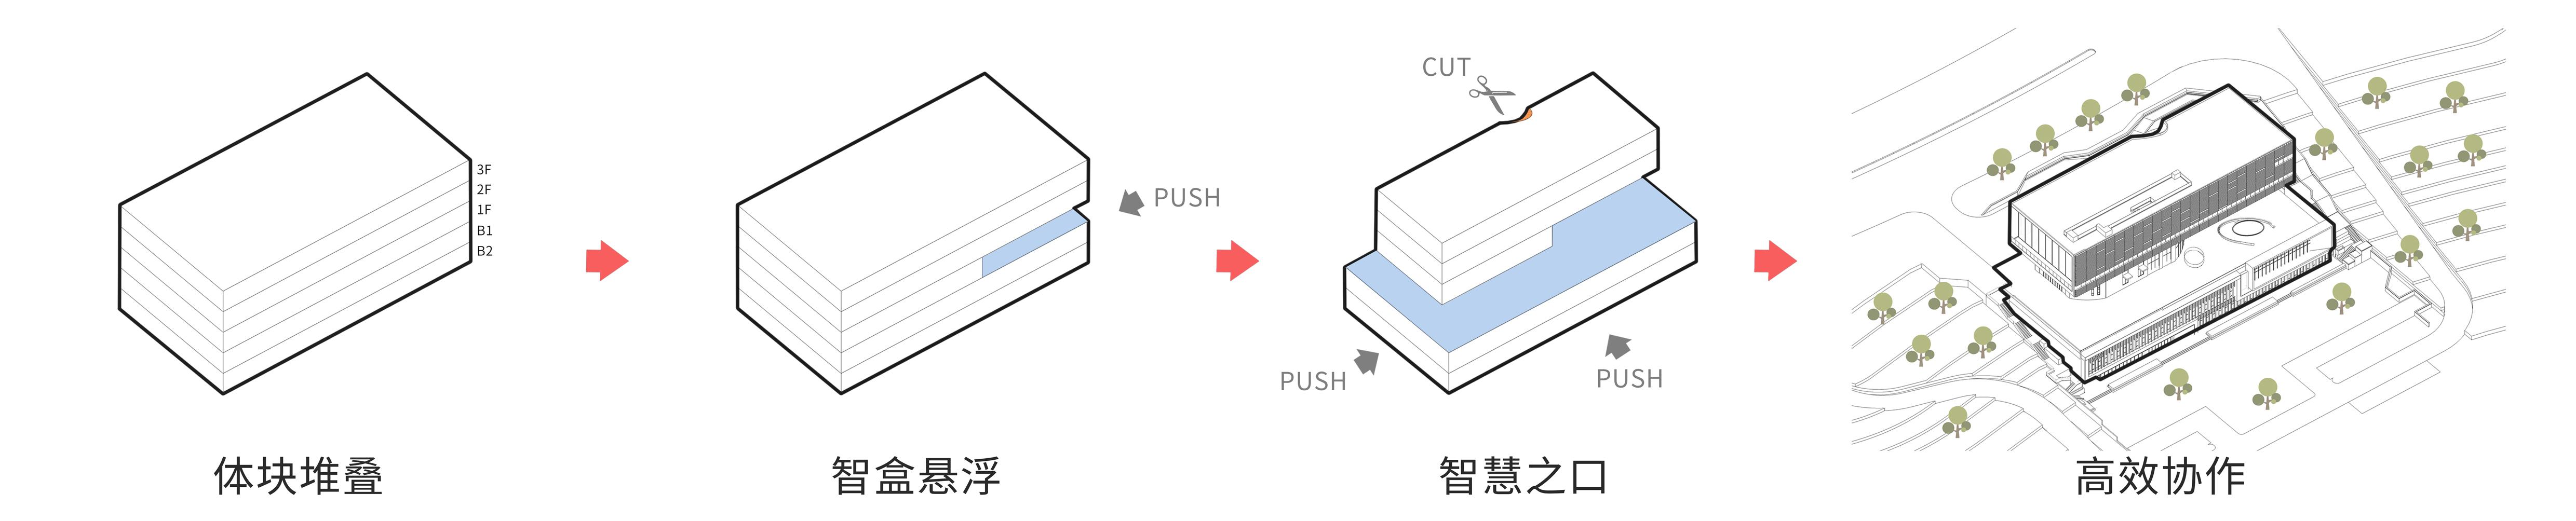 设计理念 cut.jpg